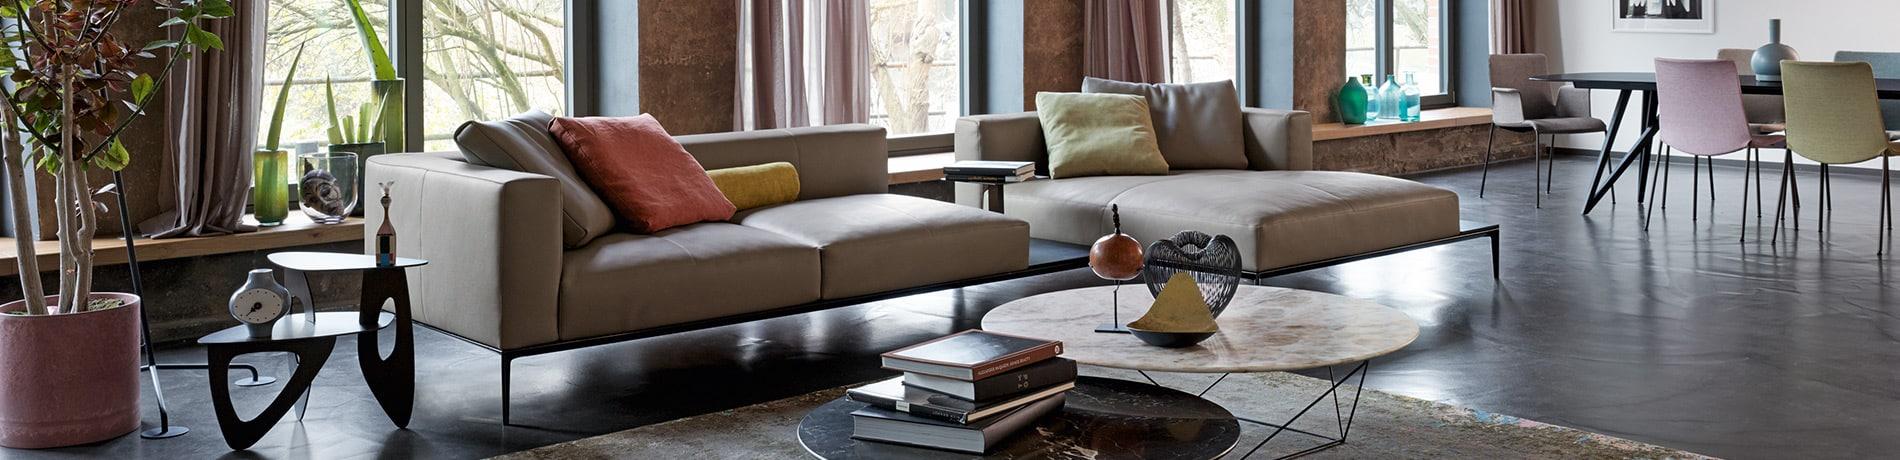 gilbert interiors wir leben f r ihr zuhause. Black Bedroom Furniture Sets. Home Design Ideas